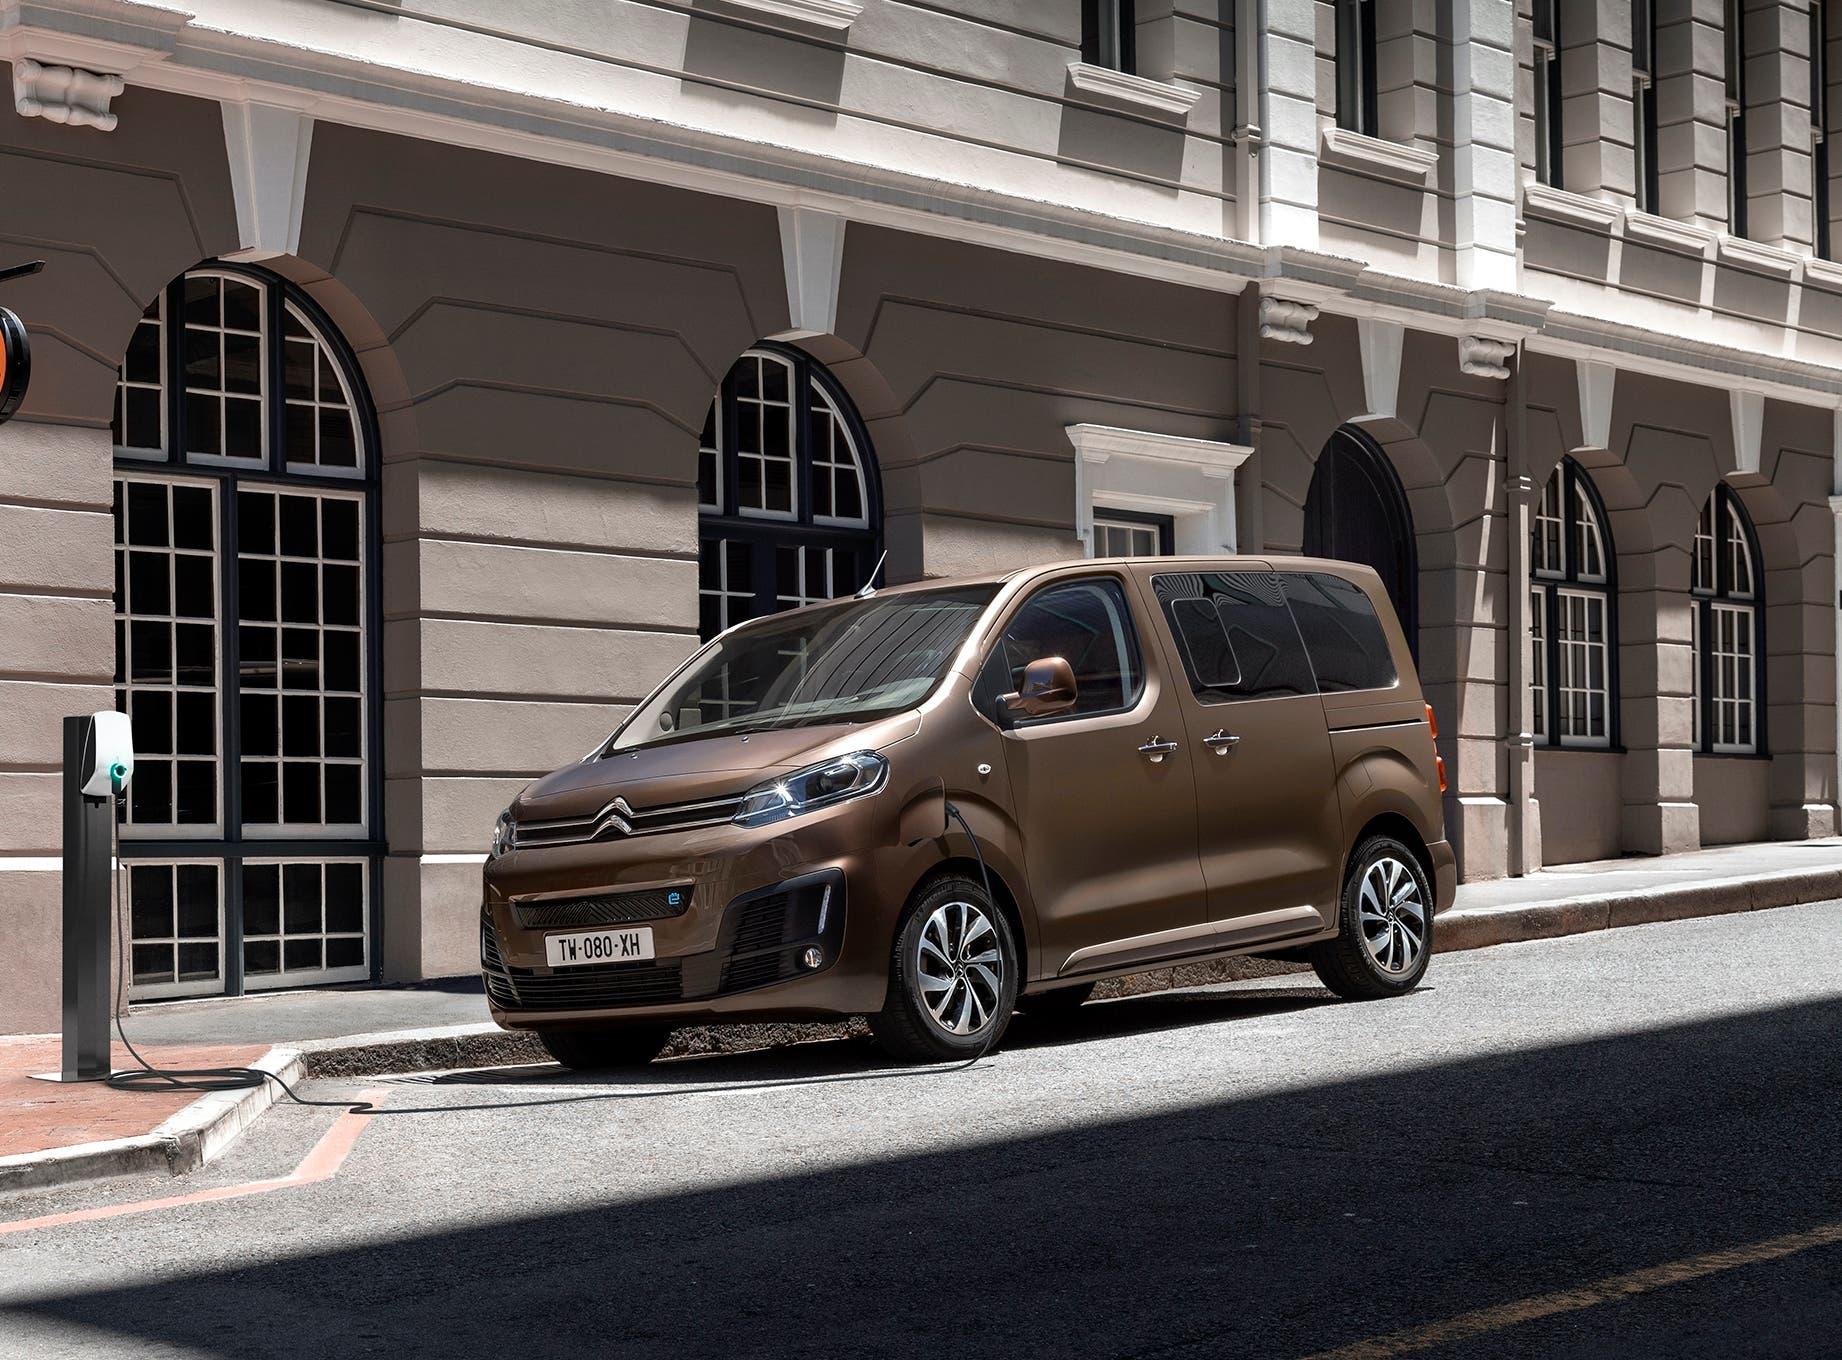 Citroën e-SpaceTourer: partono gli ordini in Italia da 48.250 euro - ClubAlfa.it